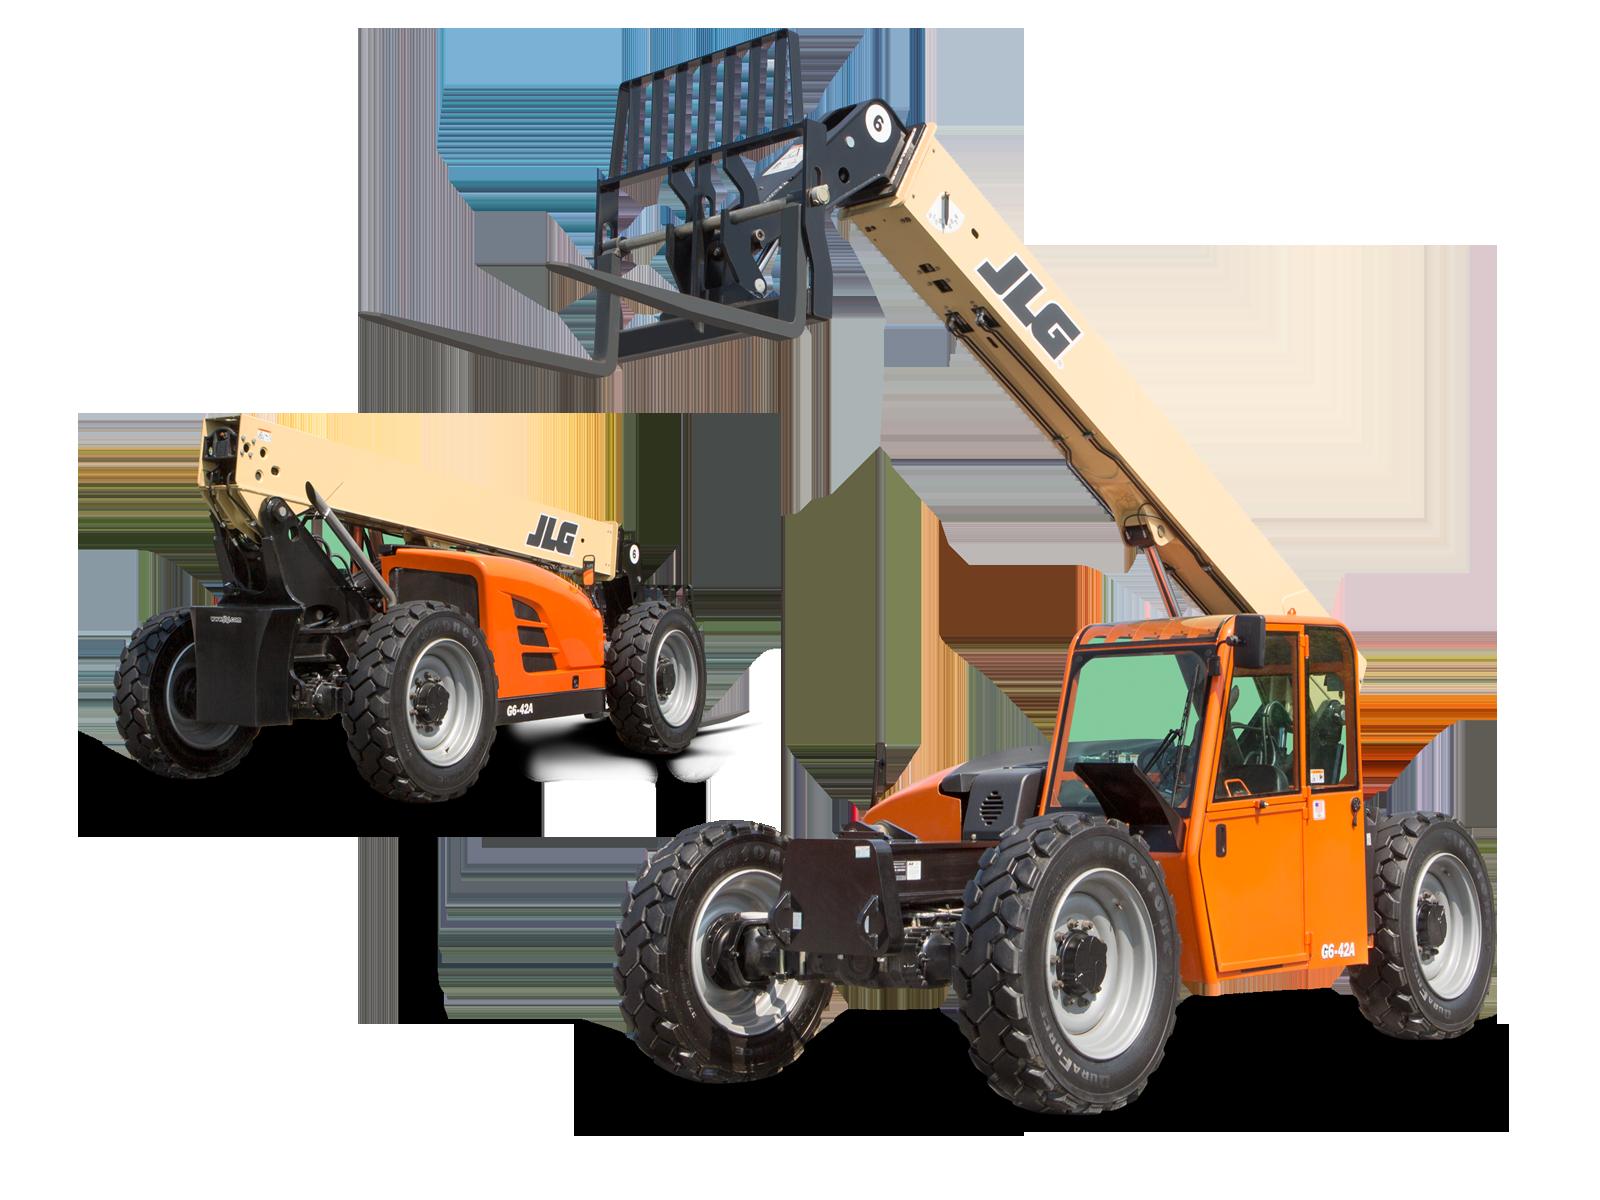 42 ft Forklift Telehandler 6,000 lb